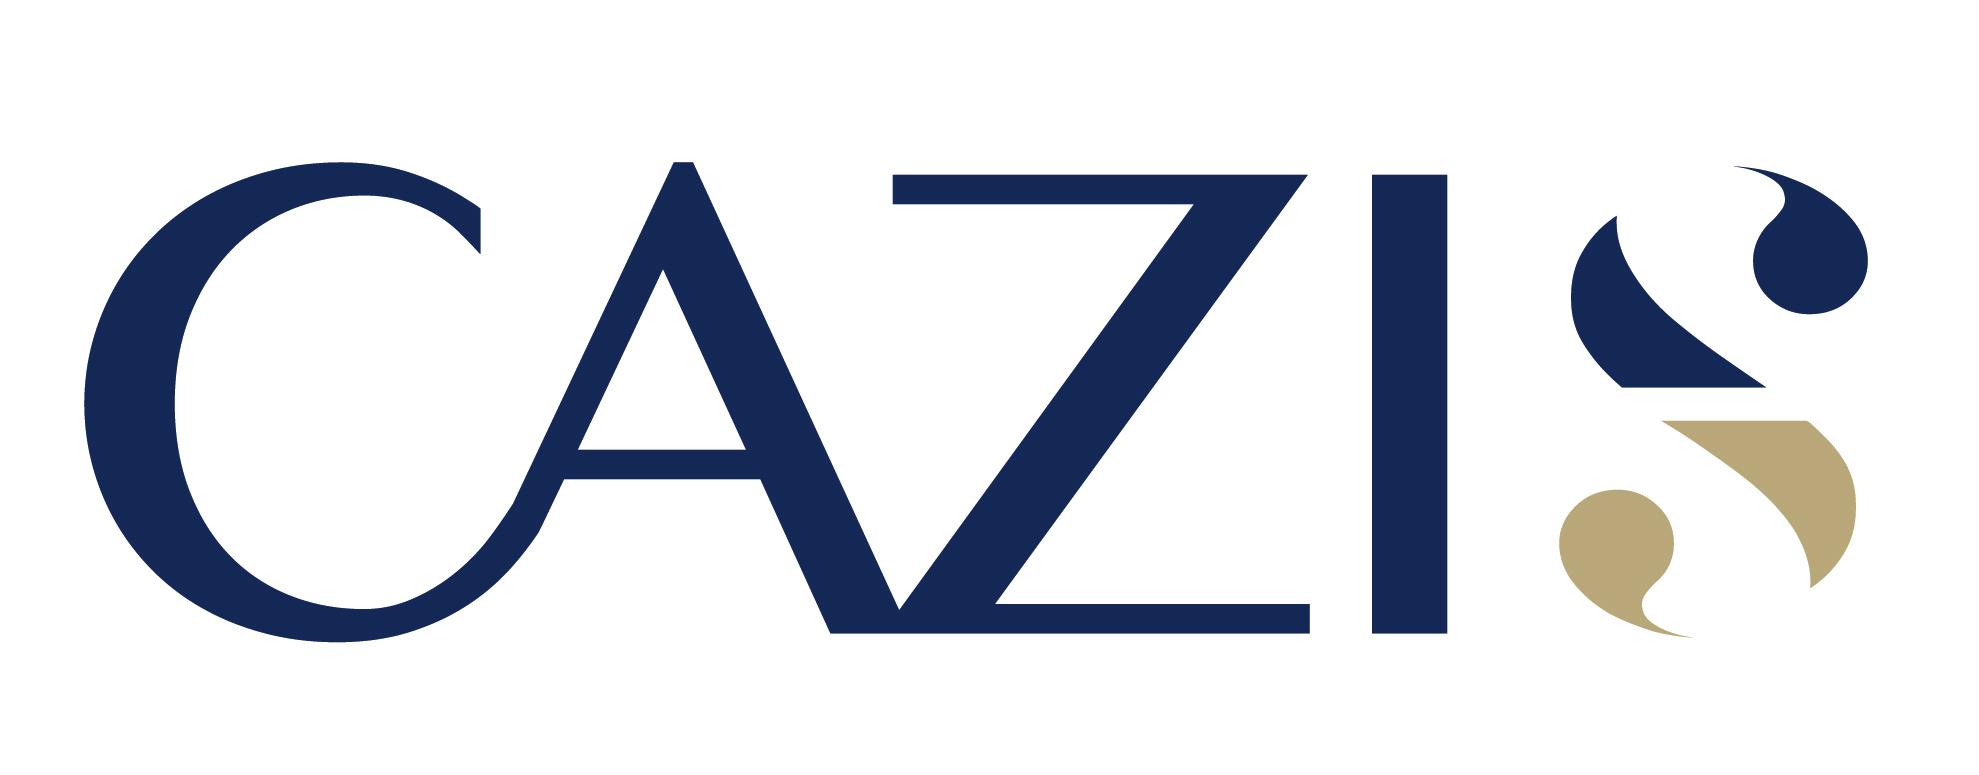 CAZIS